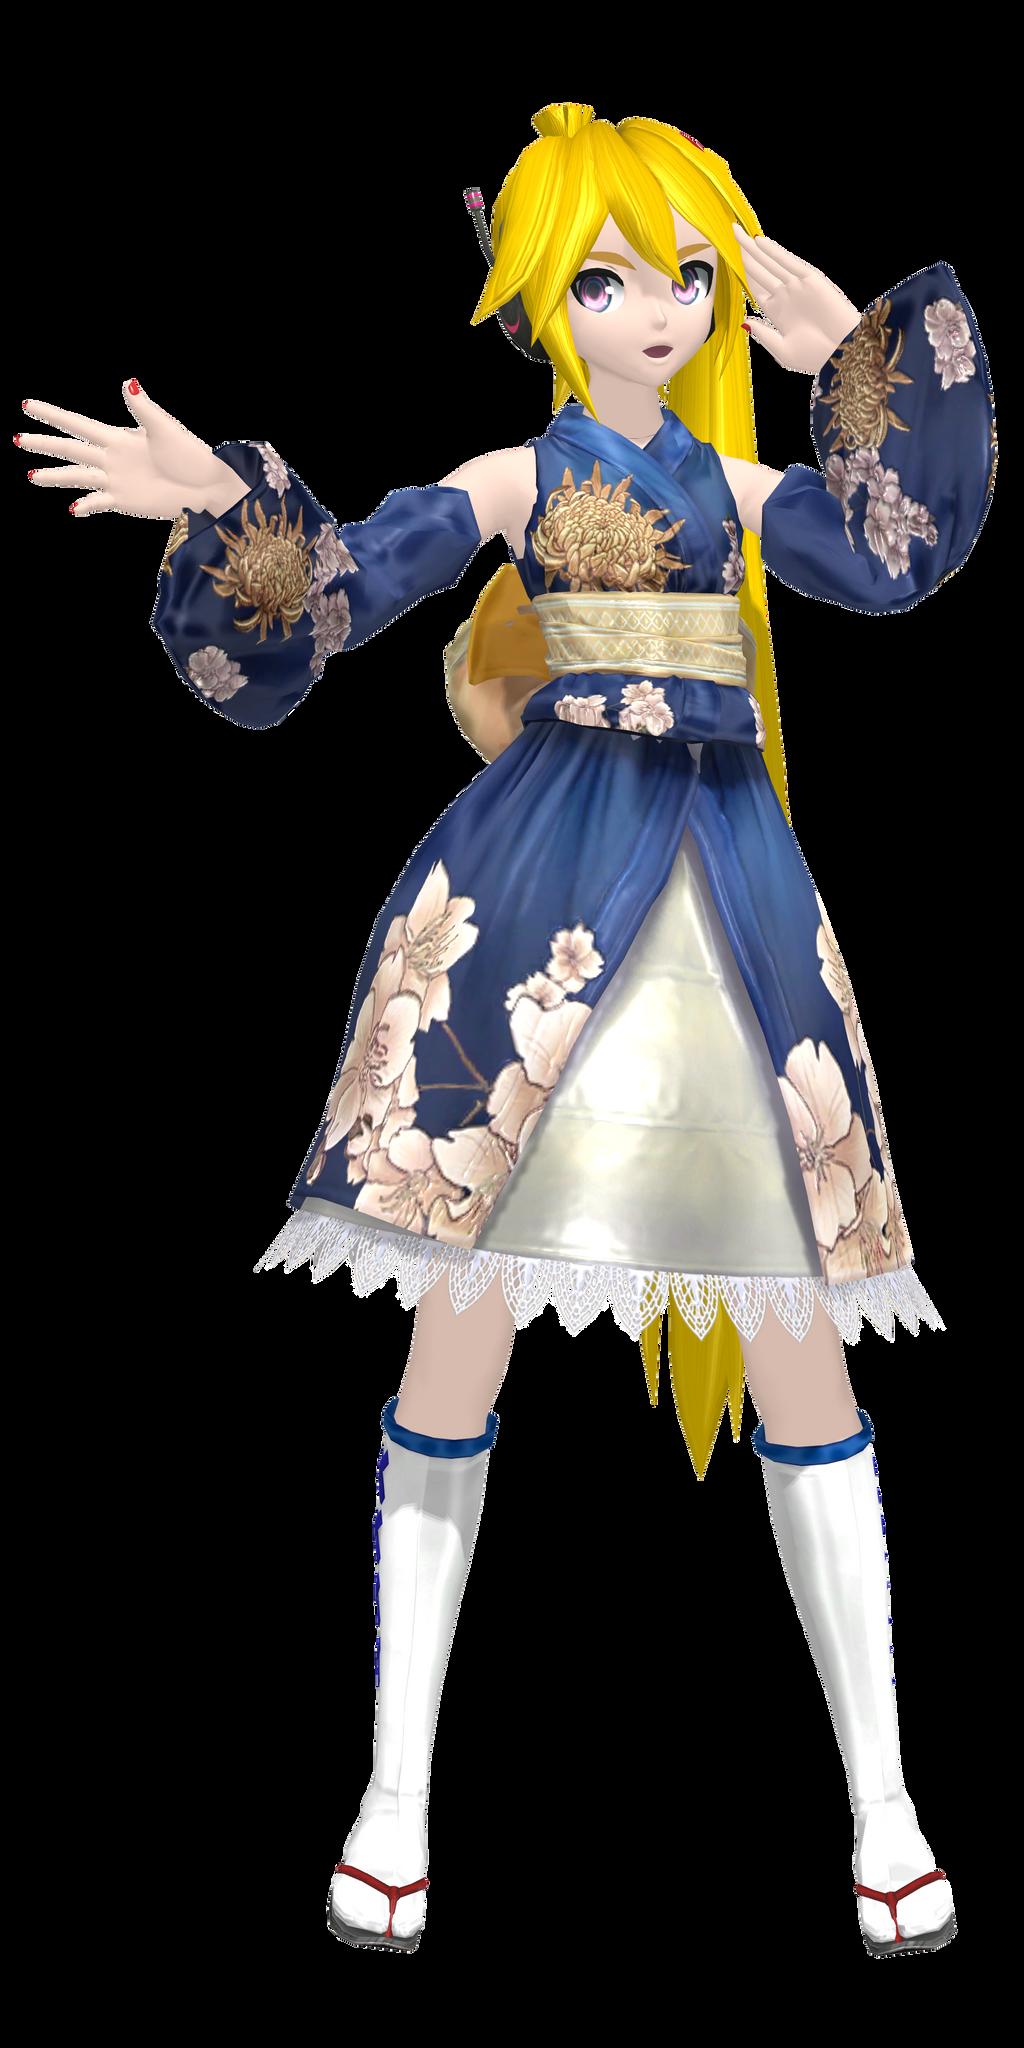 [DT] .:Kimono Flower Neru:. by PiettraMarinetta